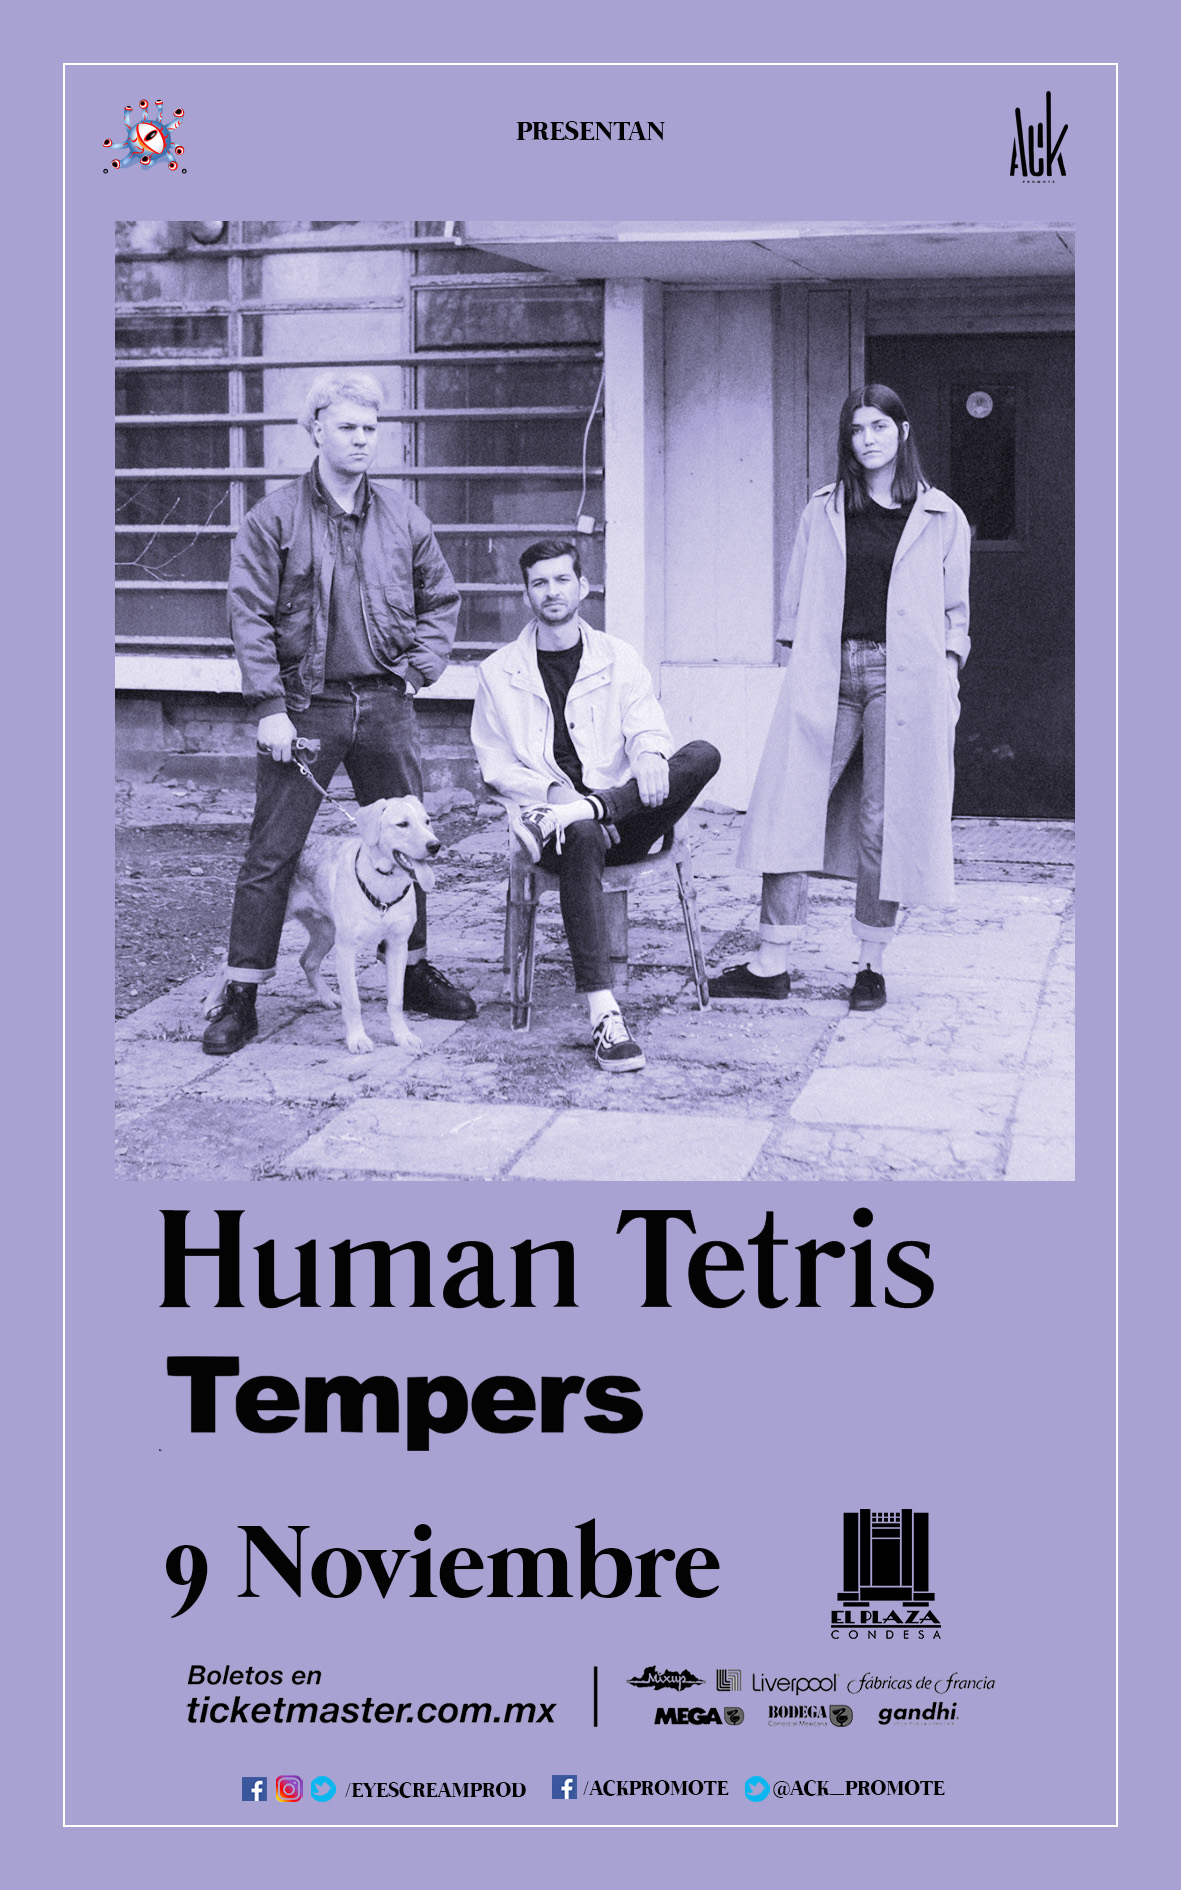 Human Tetris/Tempers